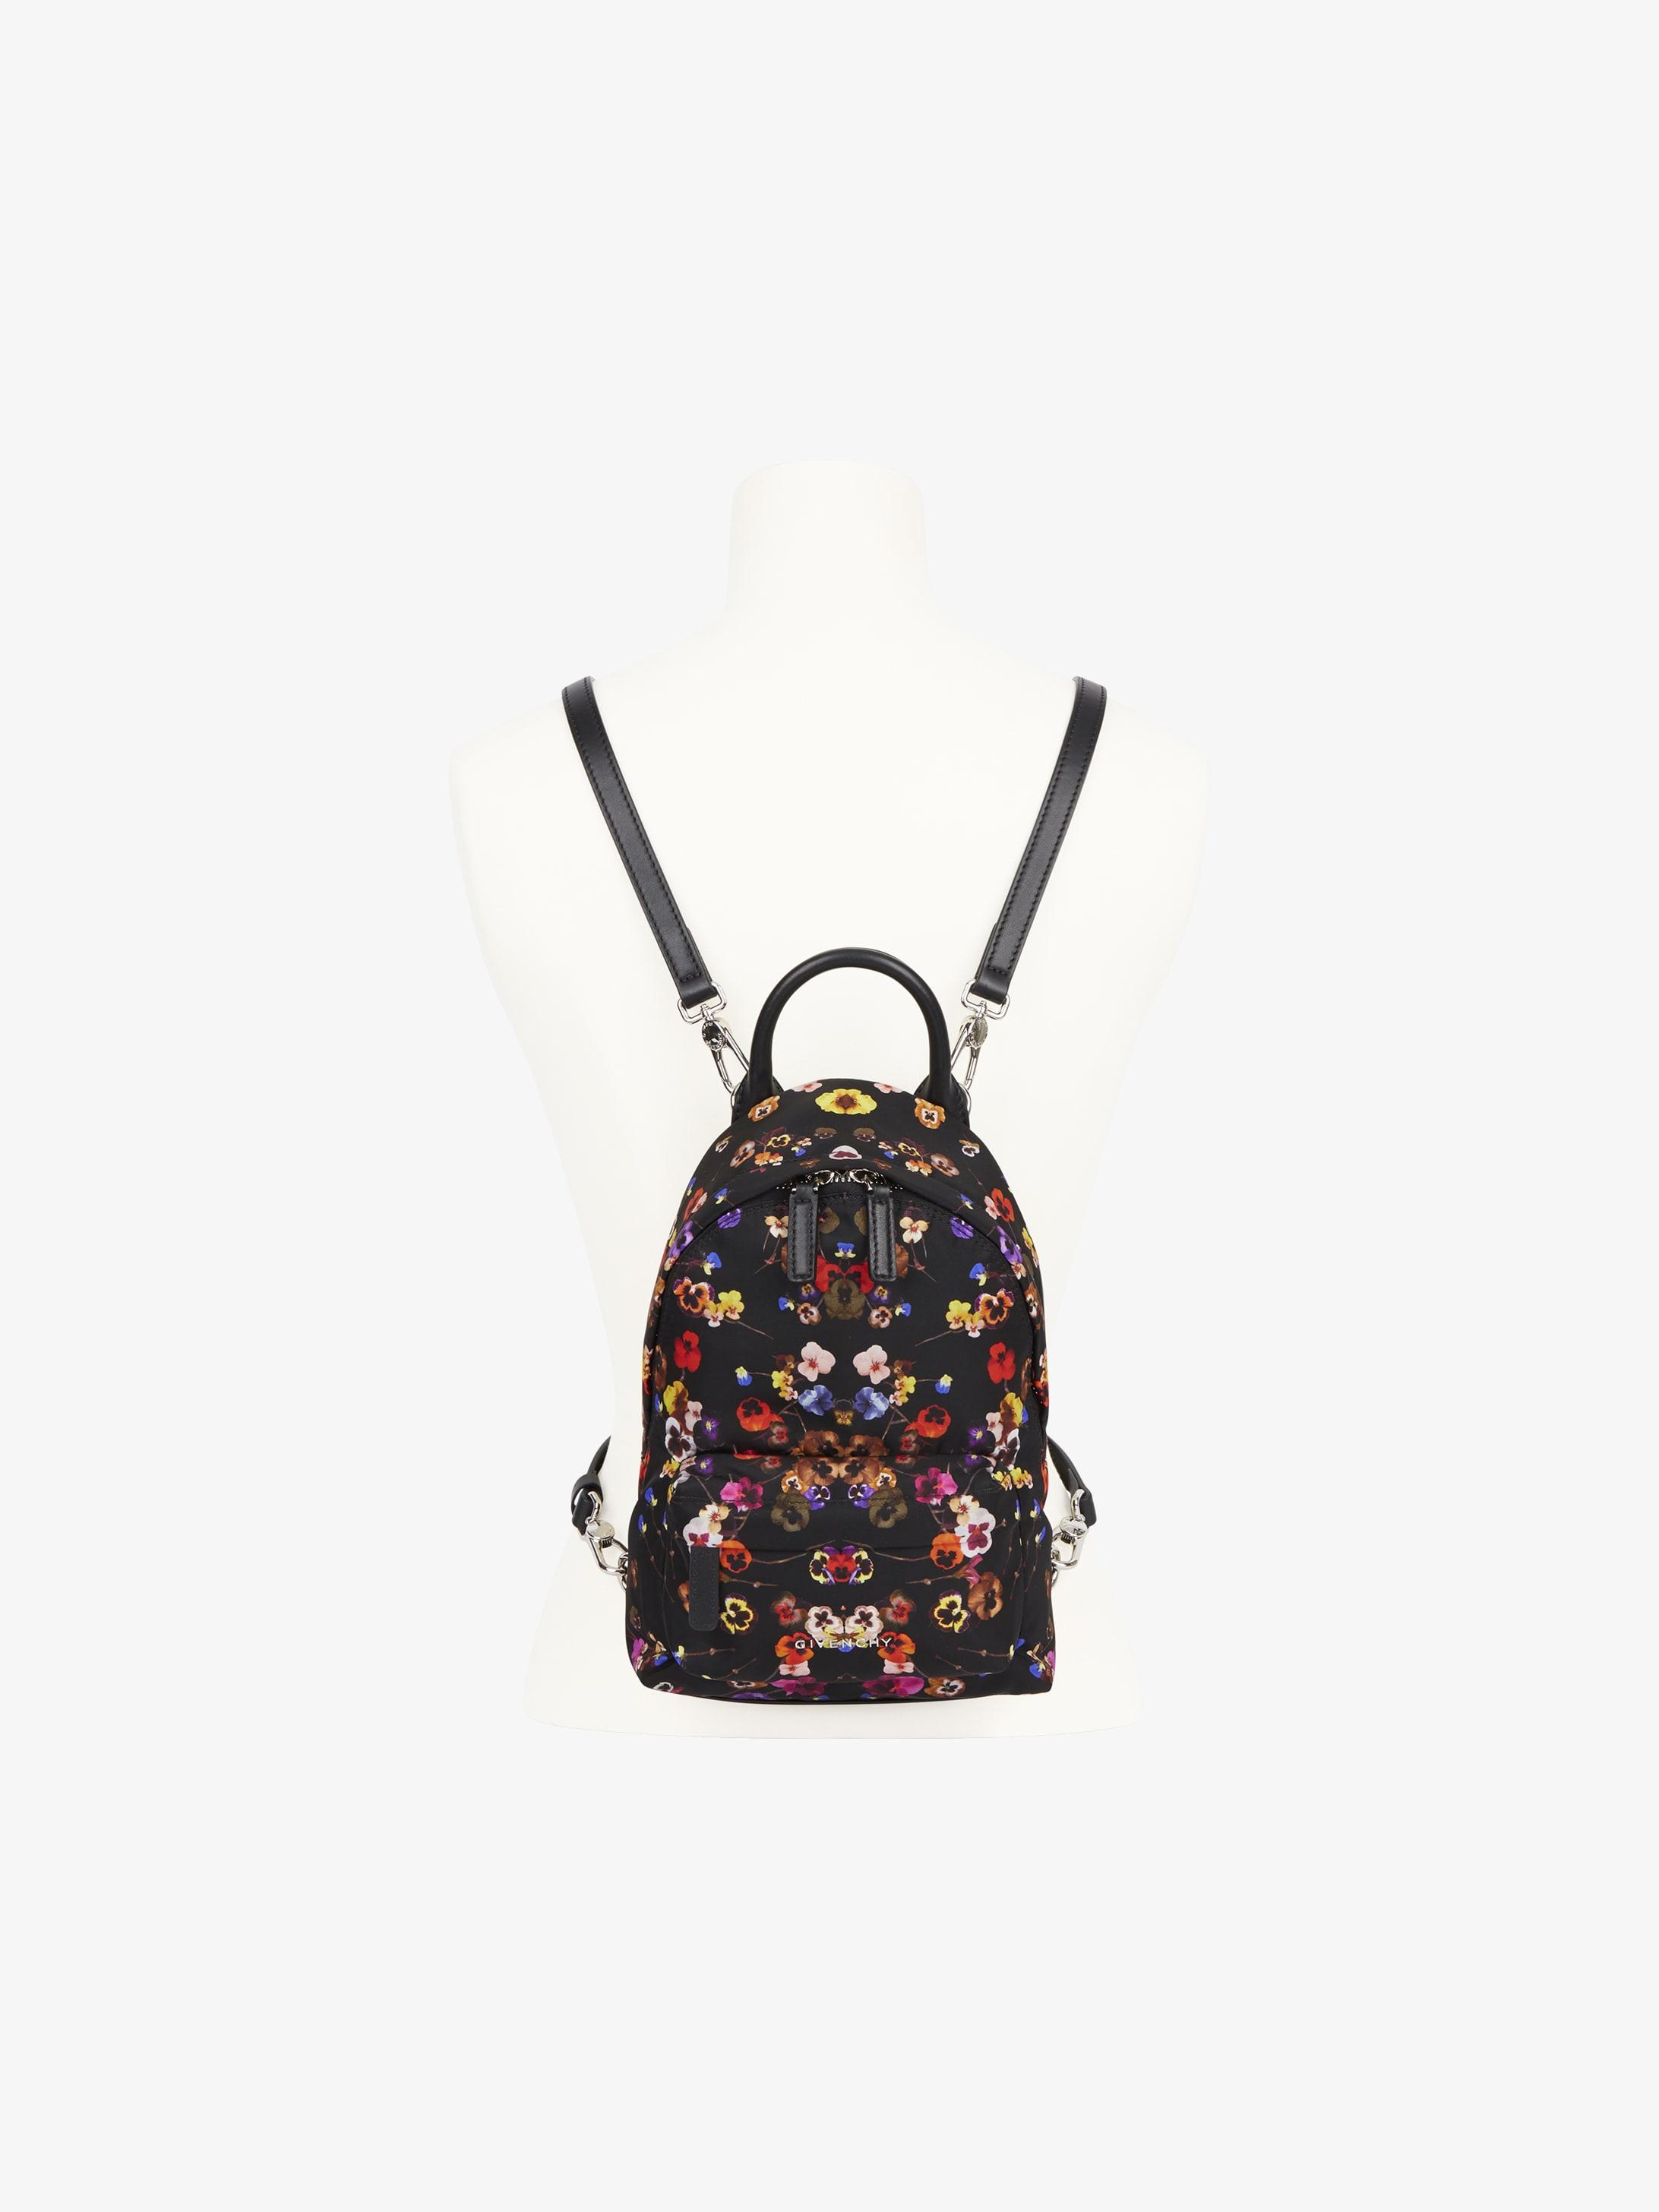 Flower printed nano backpack